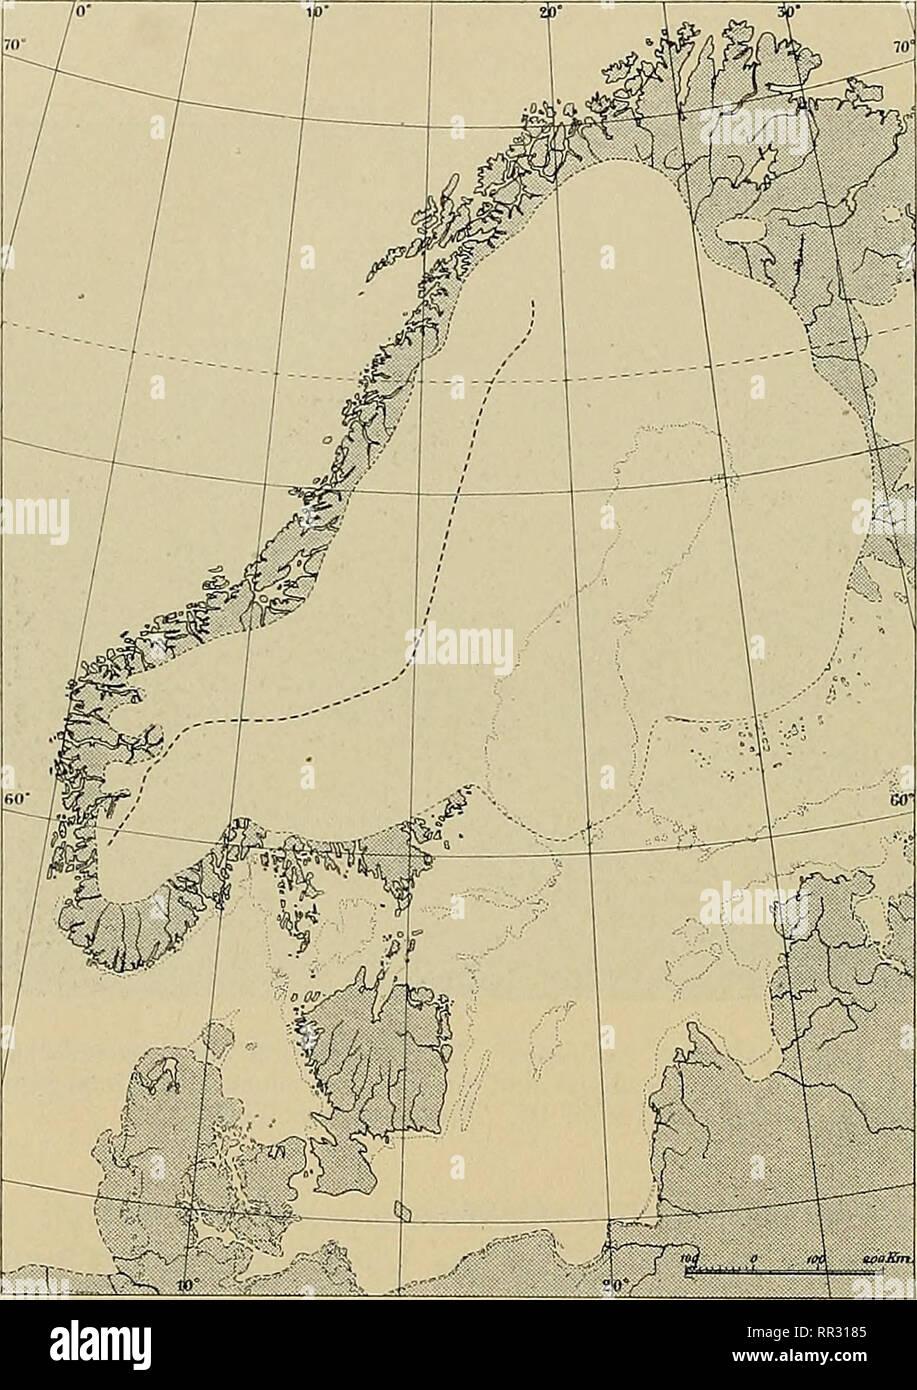 . Actes du IIIme Congrès international de botanique, pub. au nom de la commission d'organisation du Congrès. Botany. 62 dann kônnen die PHanzengeographen ihre Wissenschaft auf dieser Grundlage weiter- bauen. Bis jetzt ist es noch niclit so weit gekommen. Was ich hier iiber die inneren Wanderungen auf der Halbinsel mitteilen kaiin, ist also nur ein erster Versucli, denn die Karten (Fig. o, 6 und 7) kônnen in ihren Détails mit Recht dis- kutiert werden. Die Saclien sind jedoch so intéressant, data sie nicht ganz iibergangen wer- den kônnen. Die, meiner Meinung nadi, bis jetzt l)este Karte liber  - Stock Image